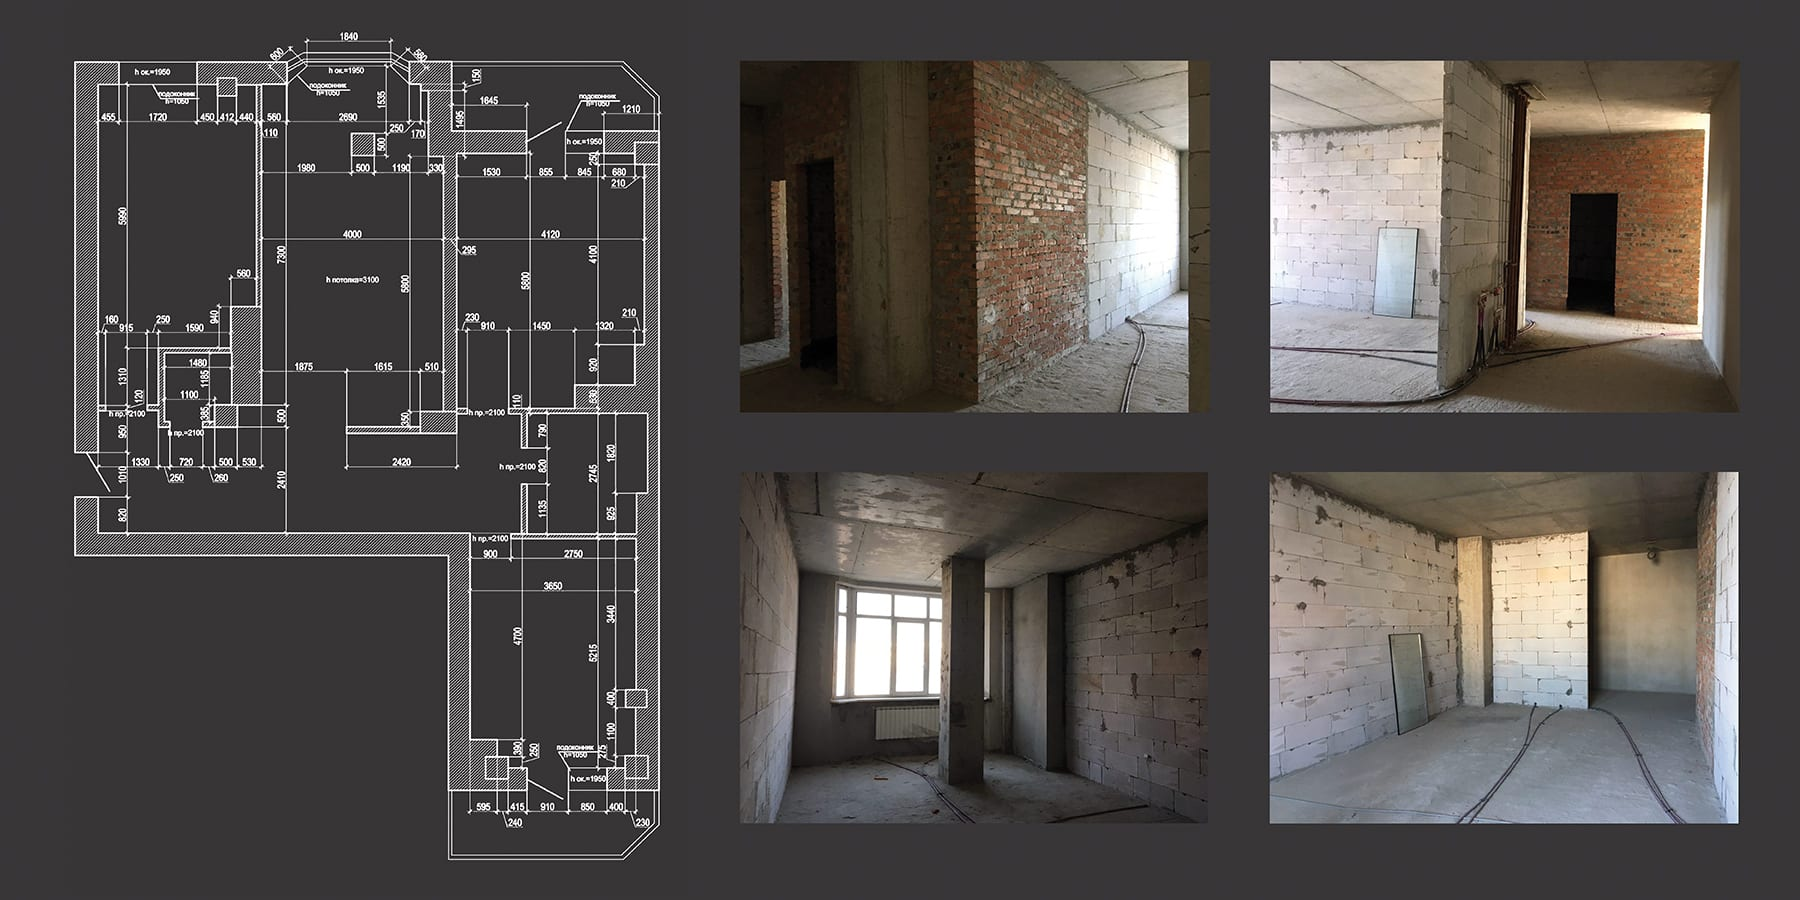 Все работы при перепланировке могут проводиться только на основании проекта. В нем описываются работы в помещениях, изменения в его конфигурации.